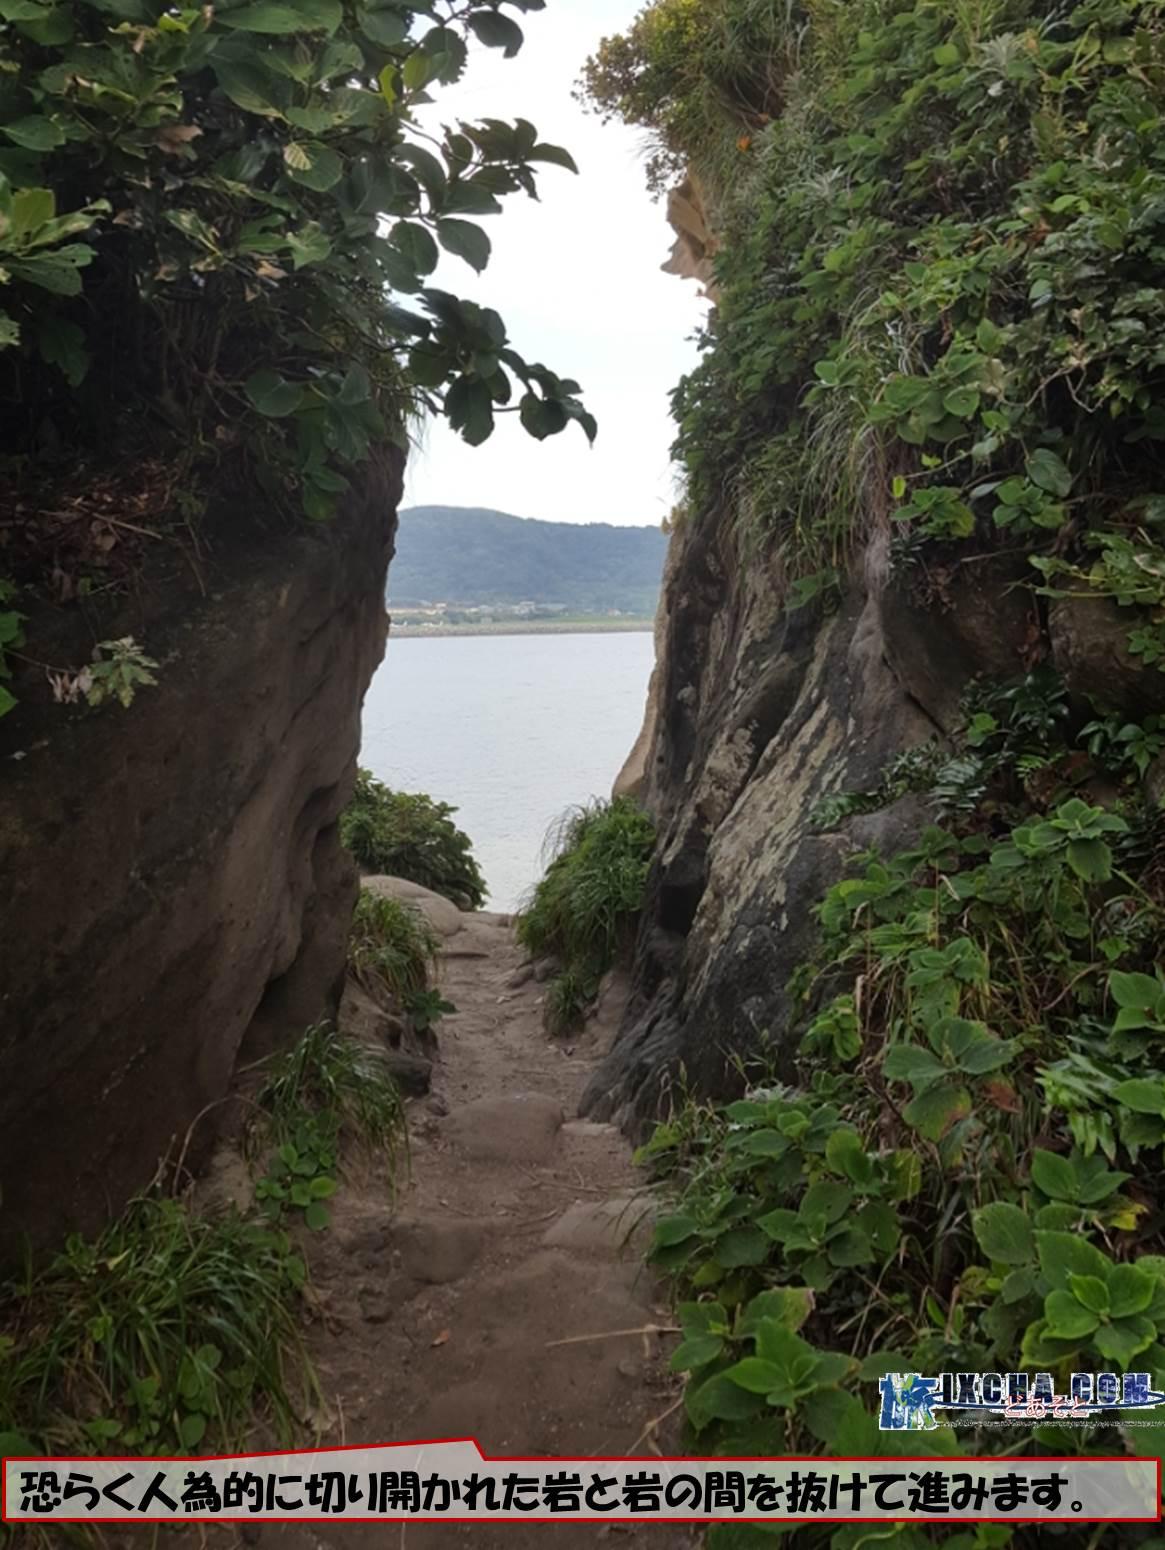 恐らく人為的に切り開かれた岩と岩の間を抜けて進みます。